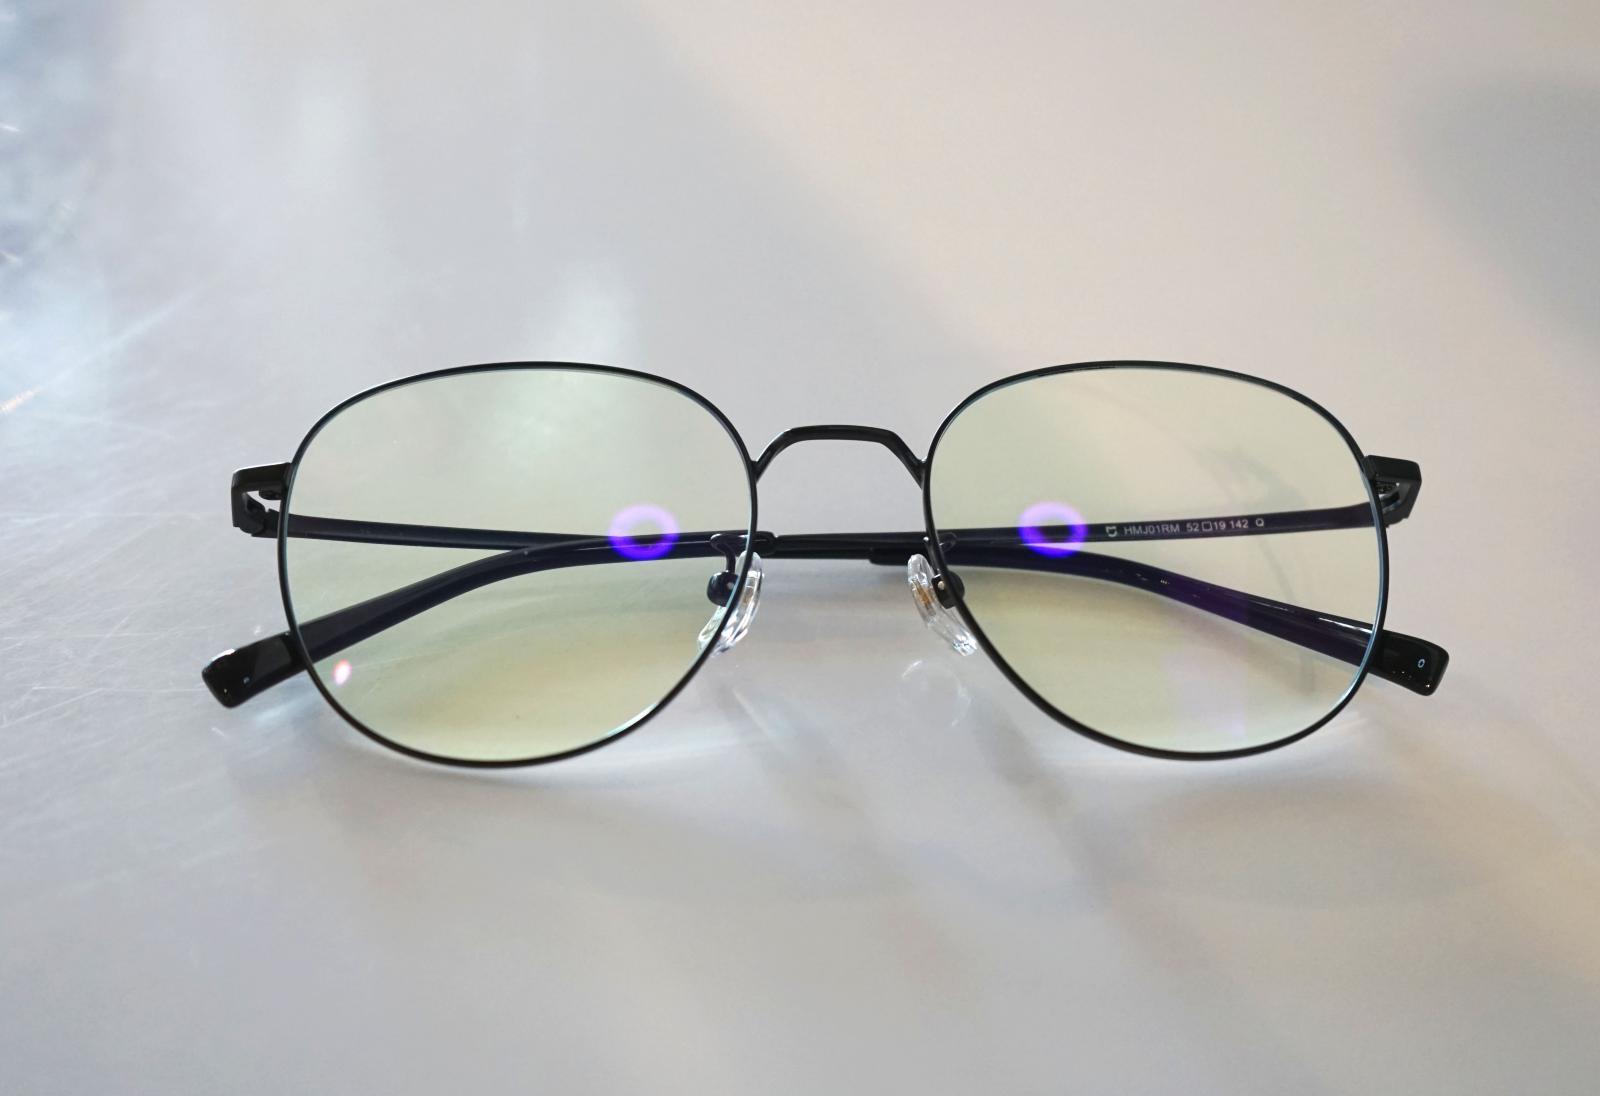 爱护眼睛!从米家防蓝光眼镜钛轻盈版做起,网友说要科学护眼